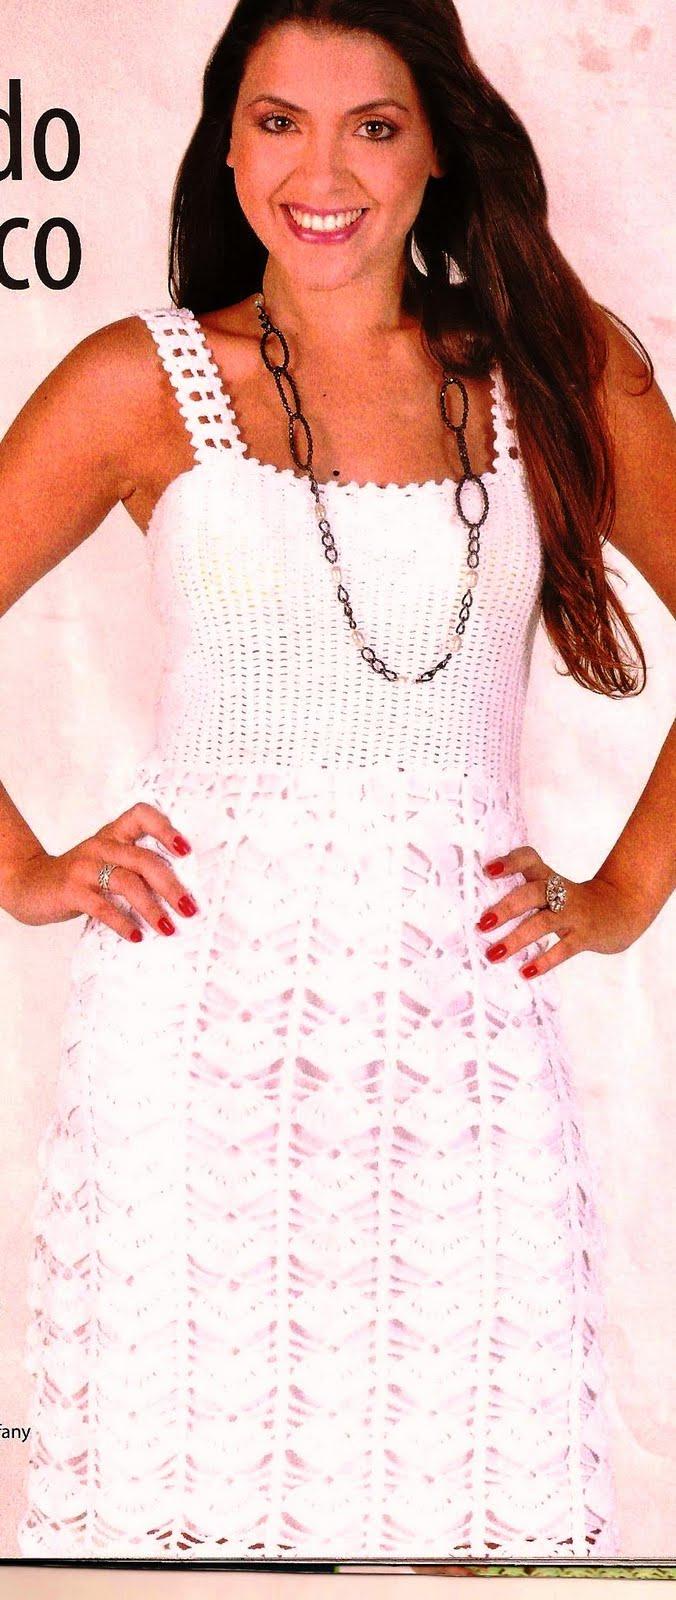 http://3.bp.blogspot.com/-I2XBG98est4/ToPZ9r9nR5I/AAAAAAAAyXg/omgglEFCeX8/s1600/vestido%2Bbranco.jpg